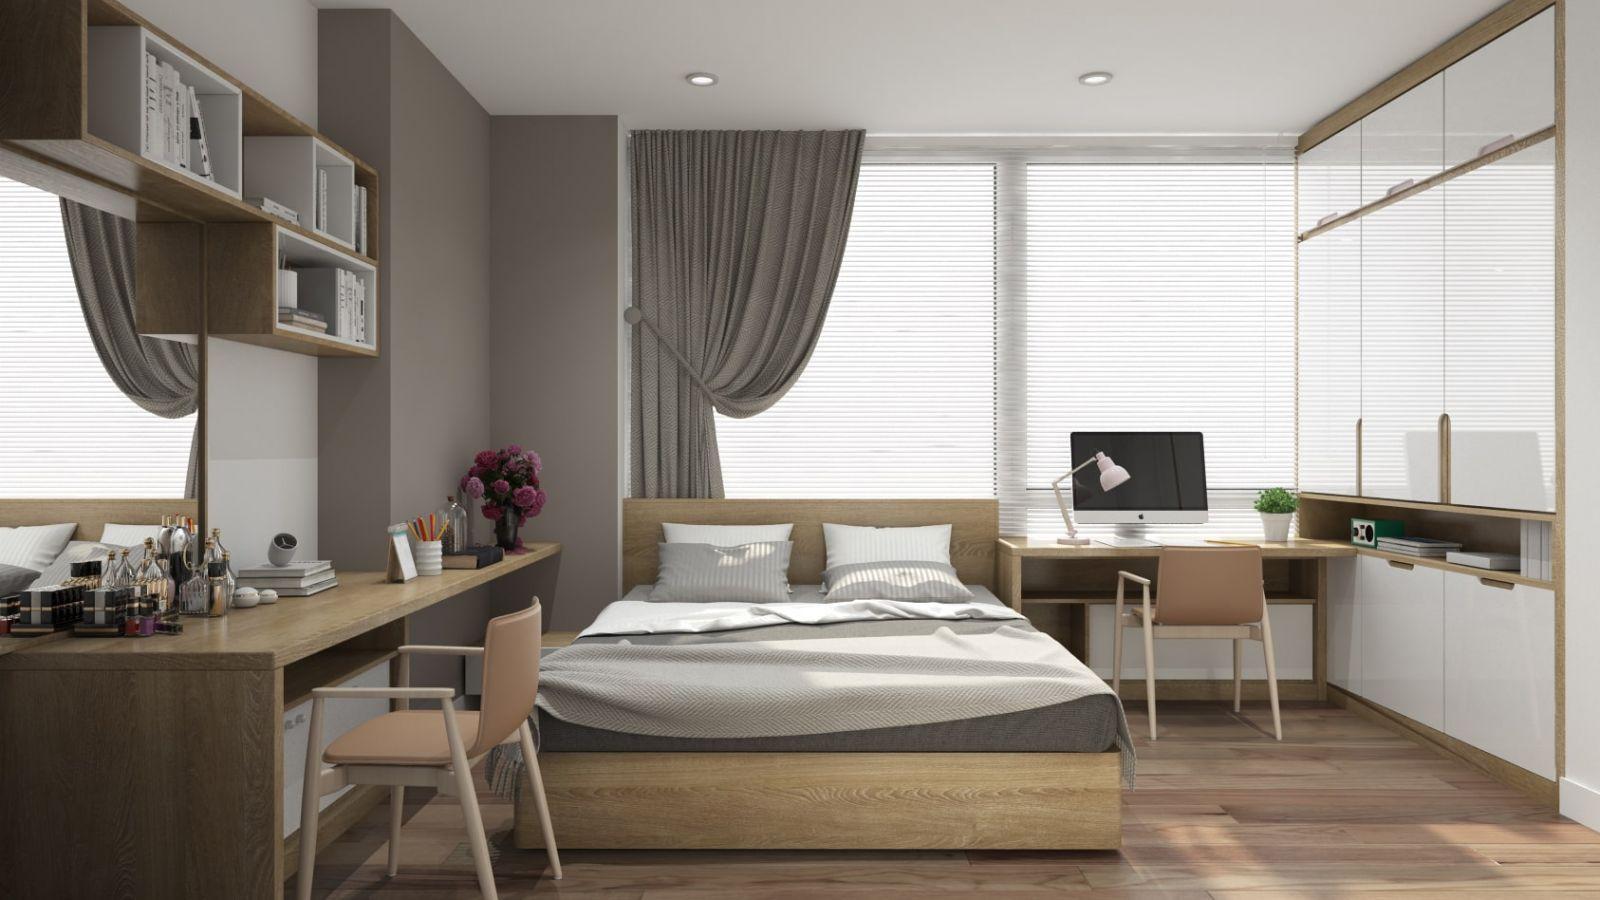 Gia chủ có thể chọn rèm cửa có tông màu nâu gỗ nhẹ nhàng để tạo nên sự thư thái, cho giấc ngủ trọn vẹn, đắm say cho nhà ống mặt tiền 7m